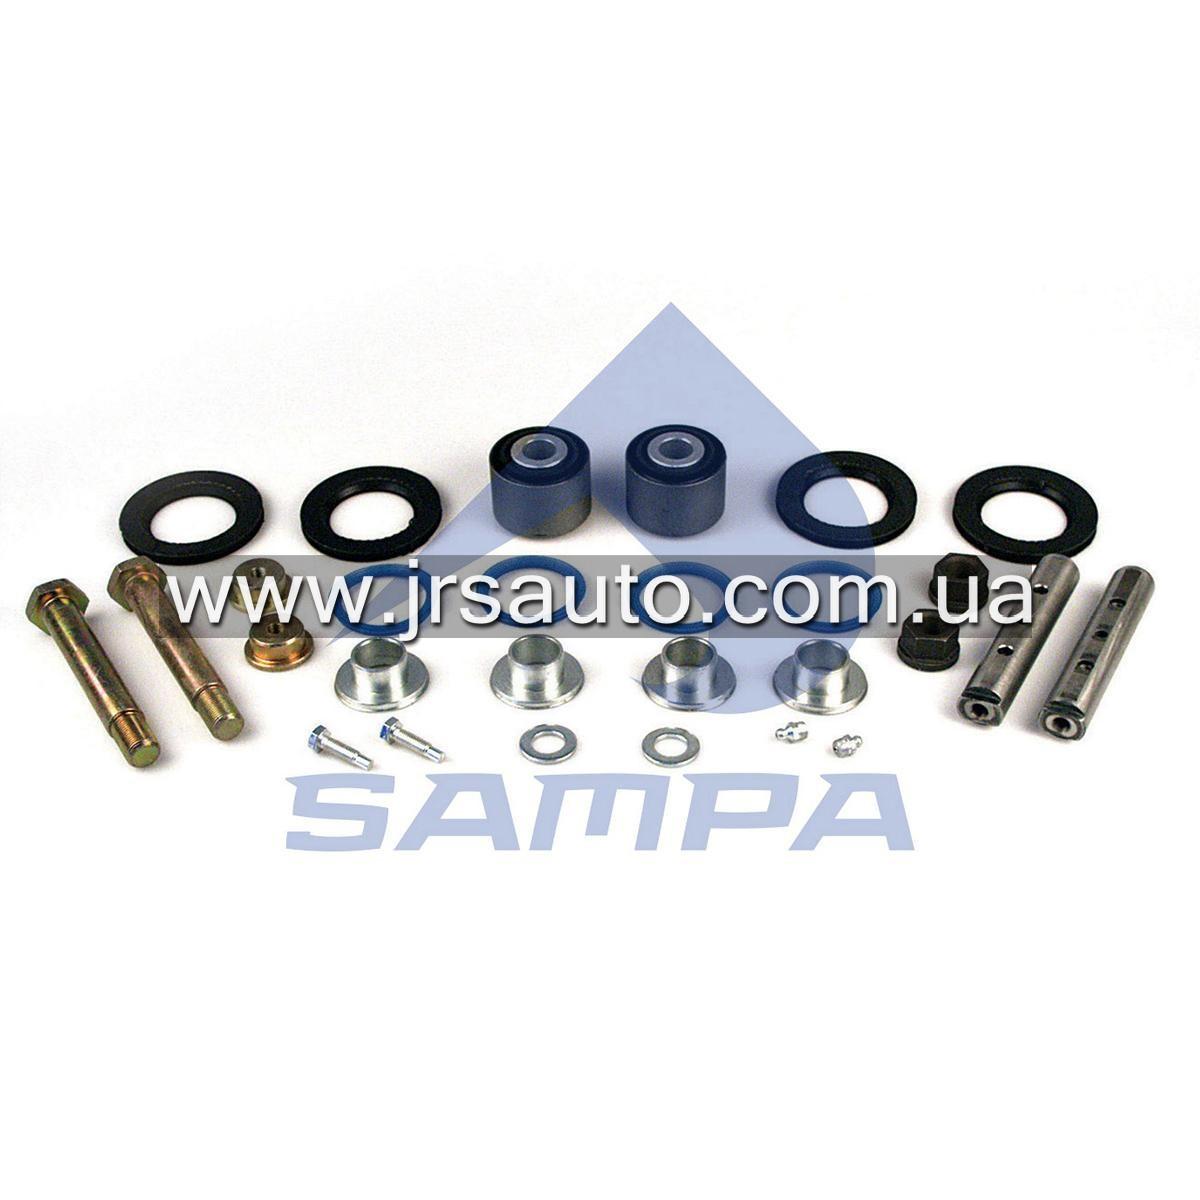 Ремкомплект кабины DAF 95XF,XF95 (d20xd60x48) \050.512